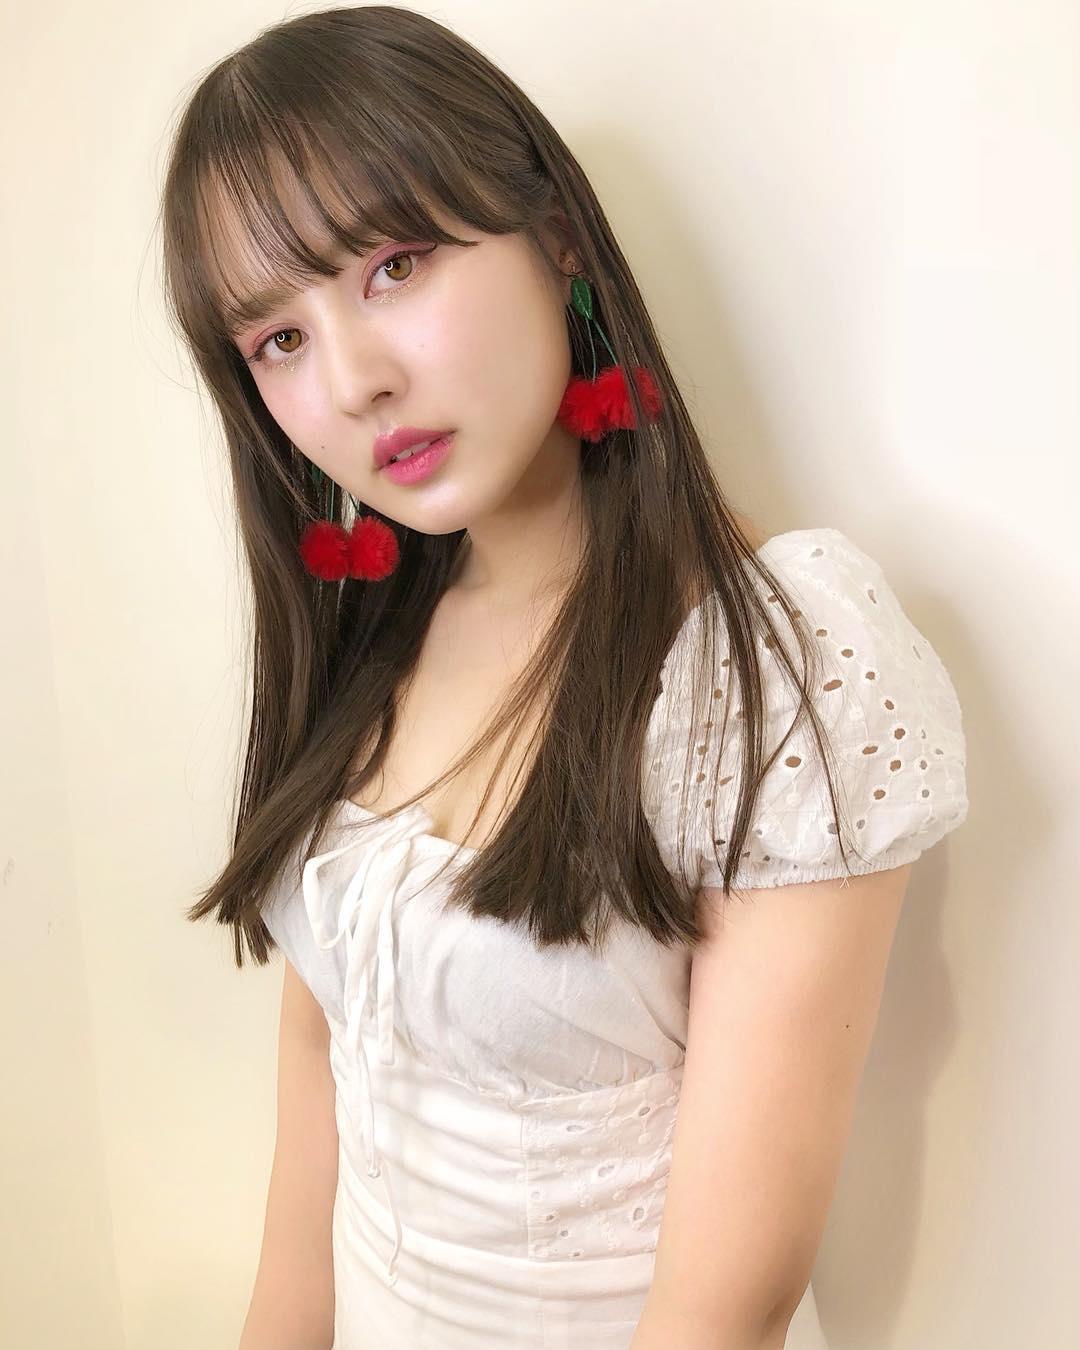 韓国女子を分かっている美容師さんなら